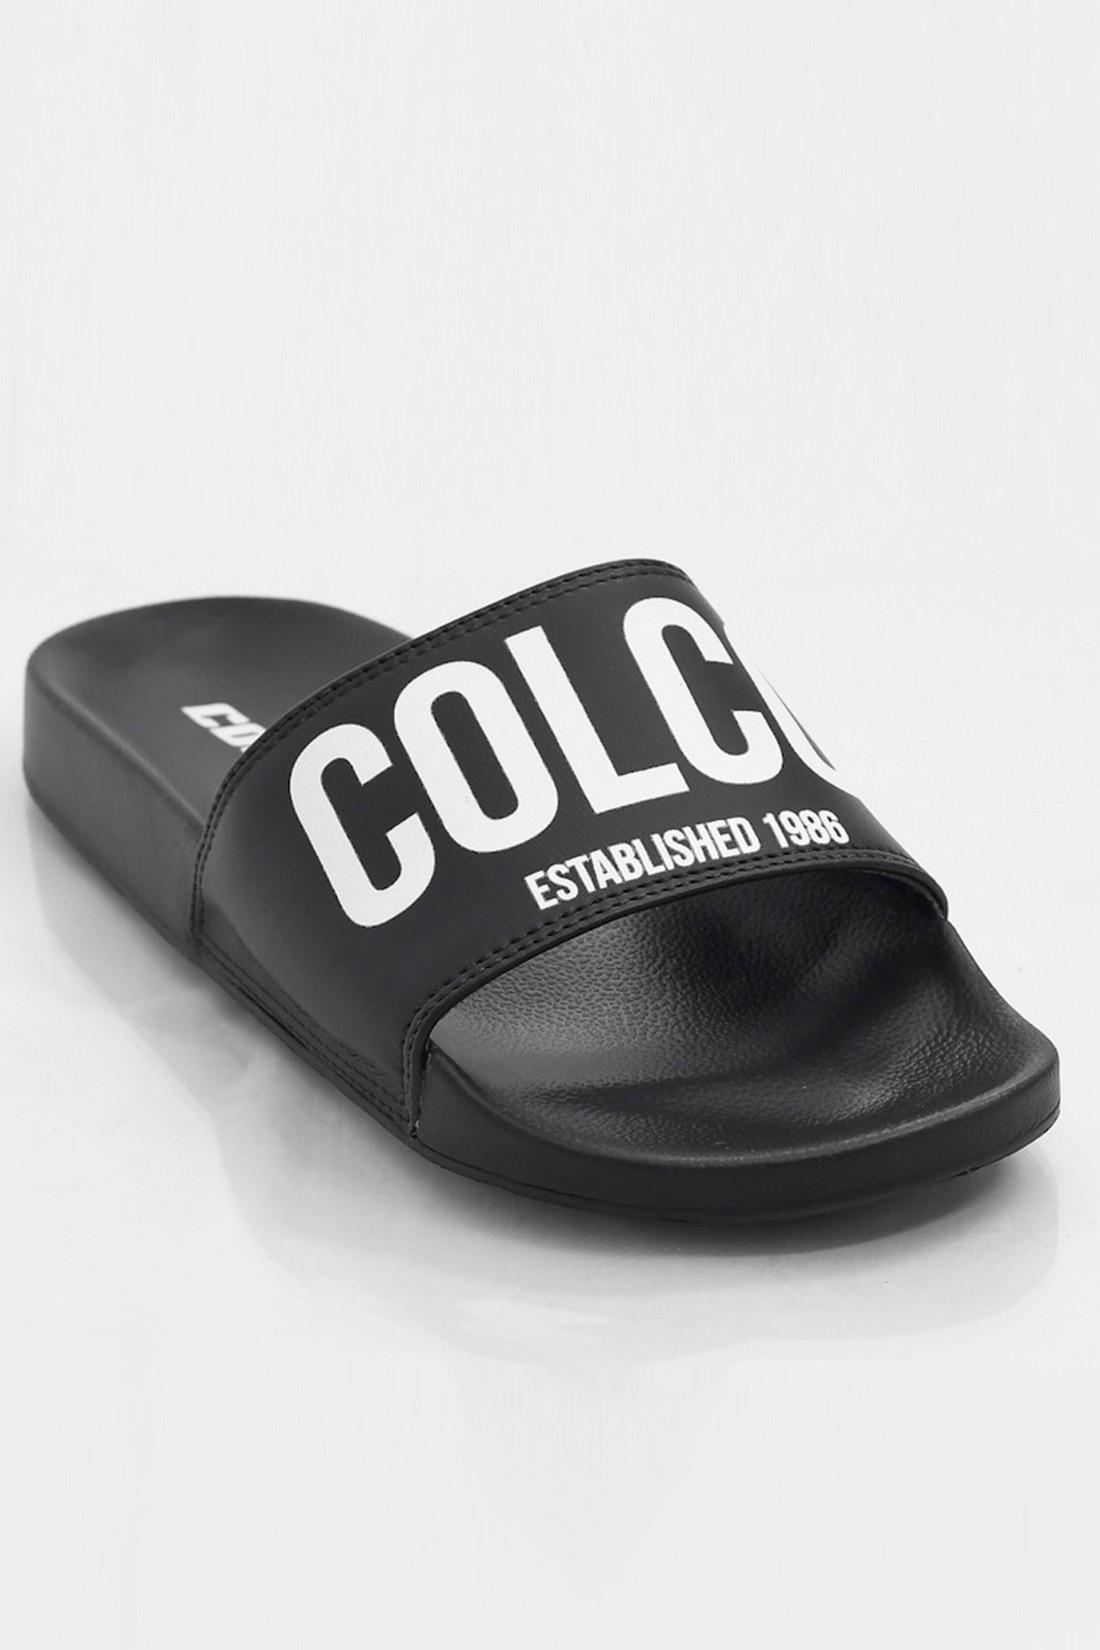 Slide Colcci Established